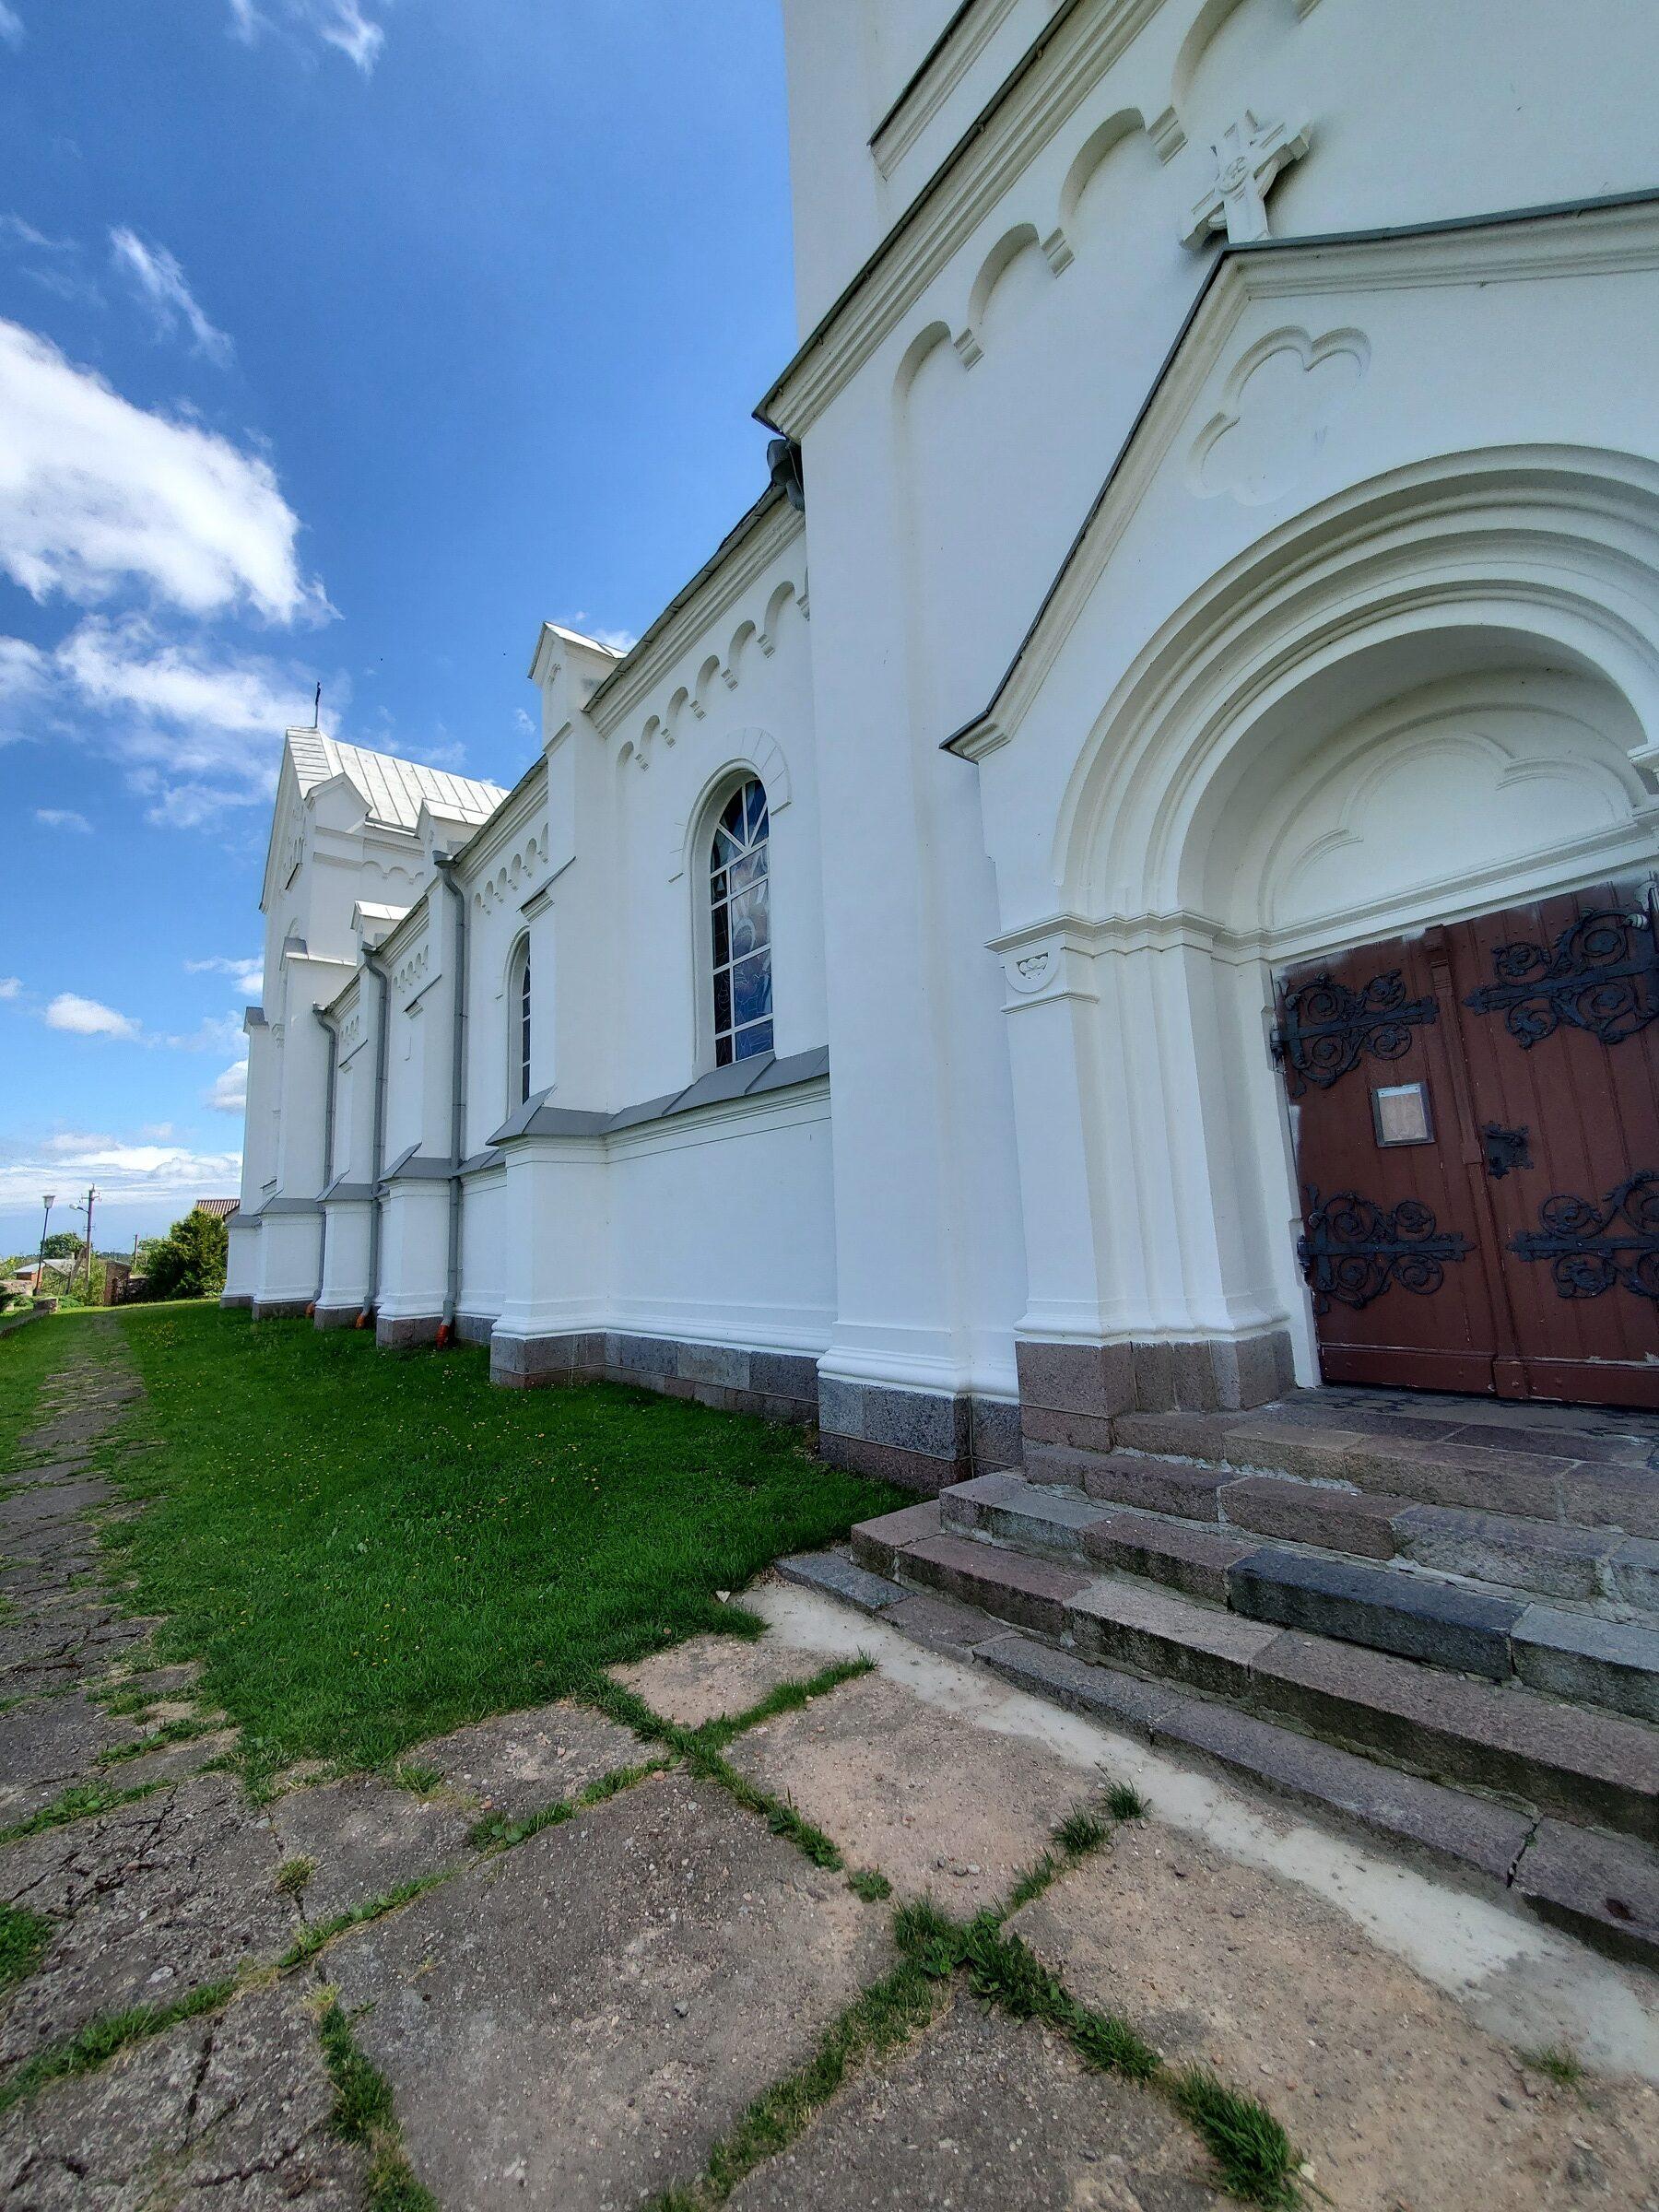 20200730 142005 rotated - Костел Божьего Провидения в Слободке